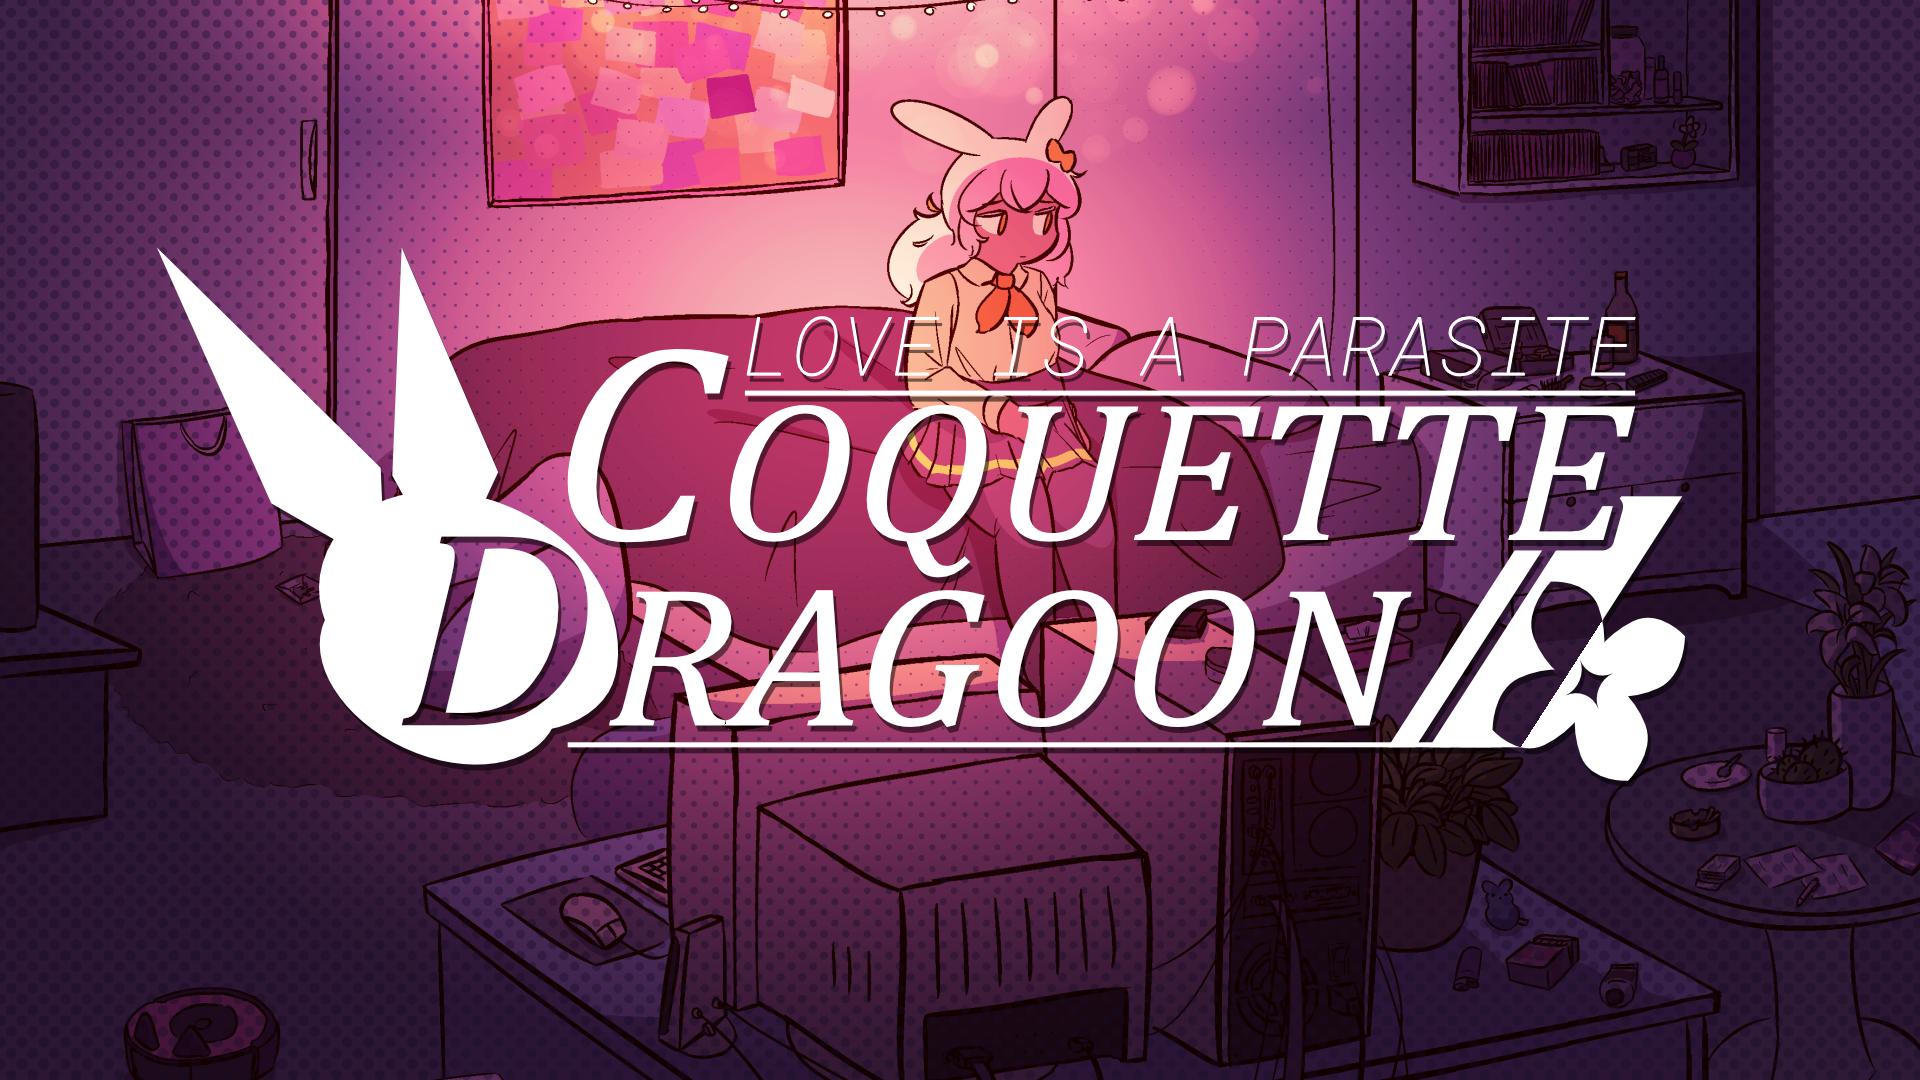 Coquette Dragoon - Volume 1